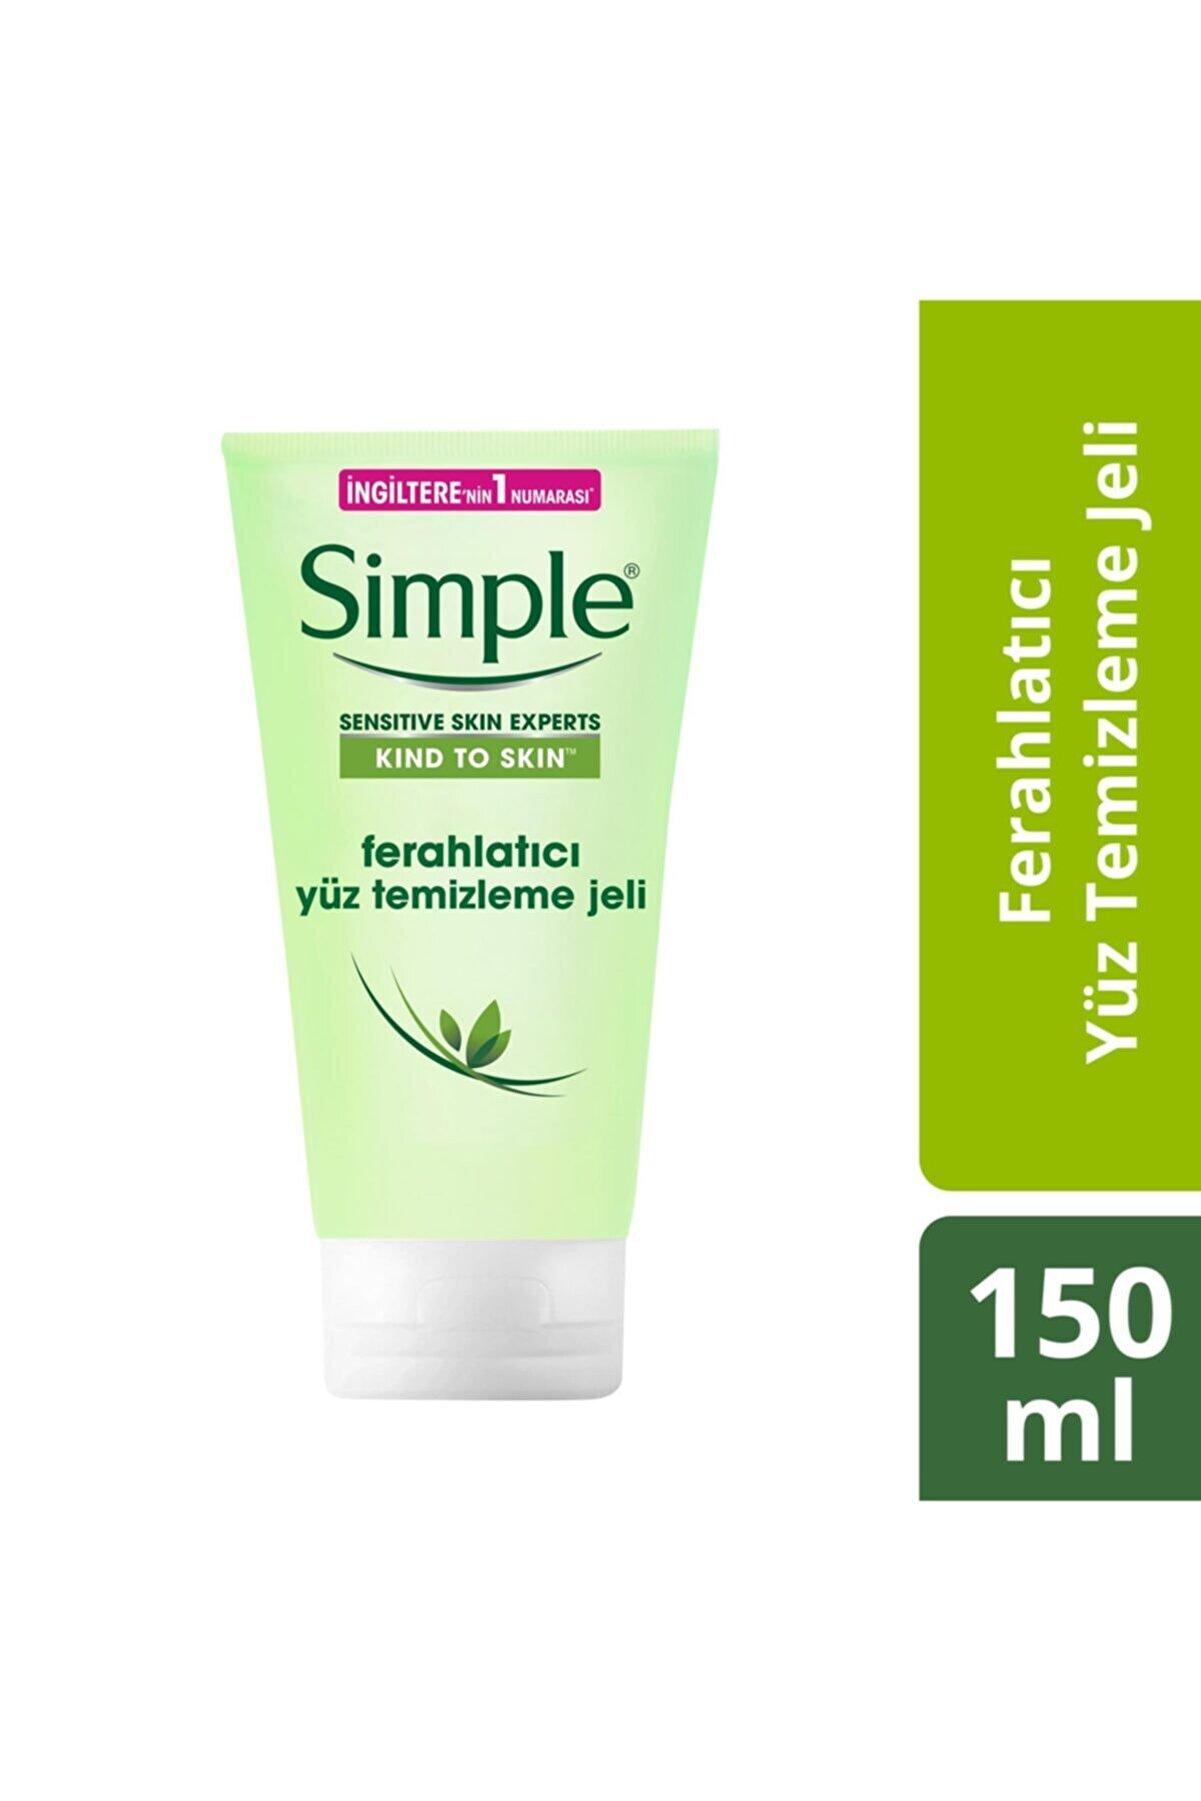 Simple Kind To Skin Hassas Ciltlere Uygun Vitamin E&B5 İçeren Ferahlatıcı Yüz Temizleme Jeli 150 Ml